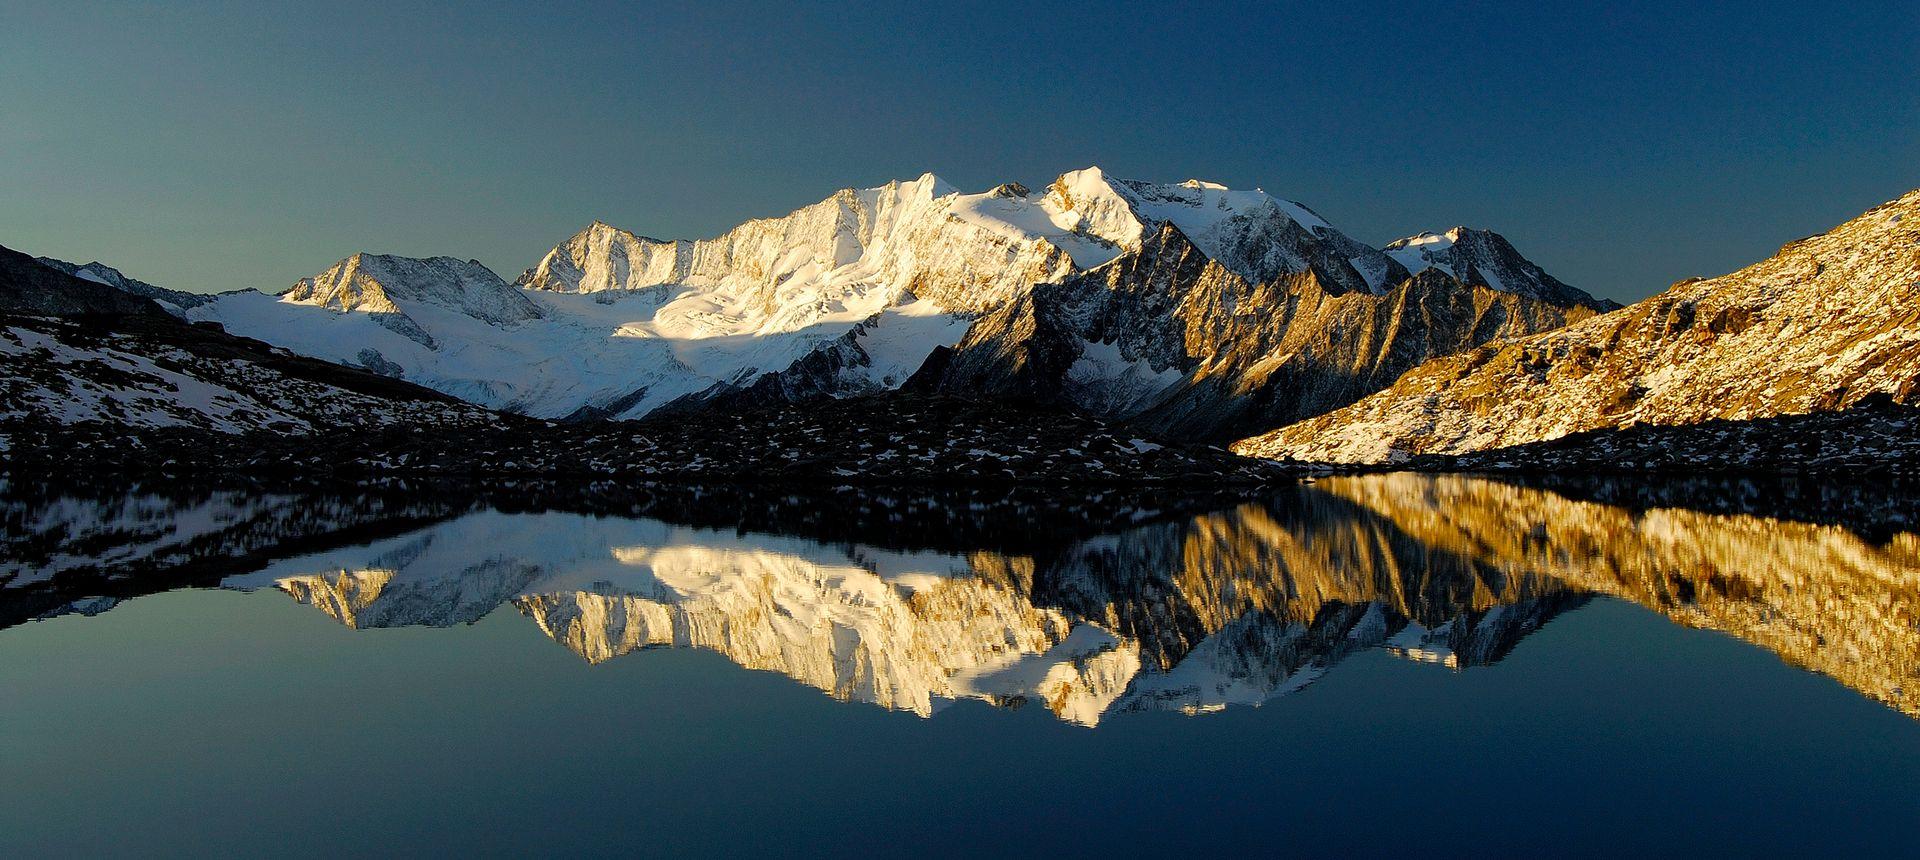 Archiv TVB Mayrhofen-Hippach: Landschaft ©Paul Sürth